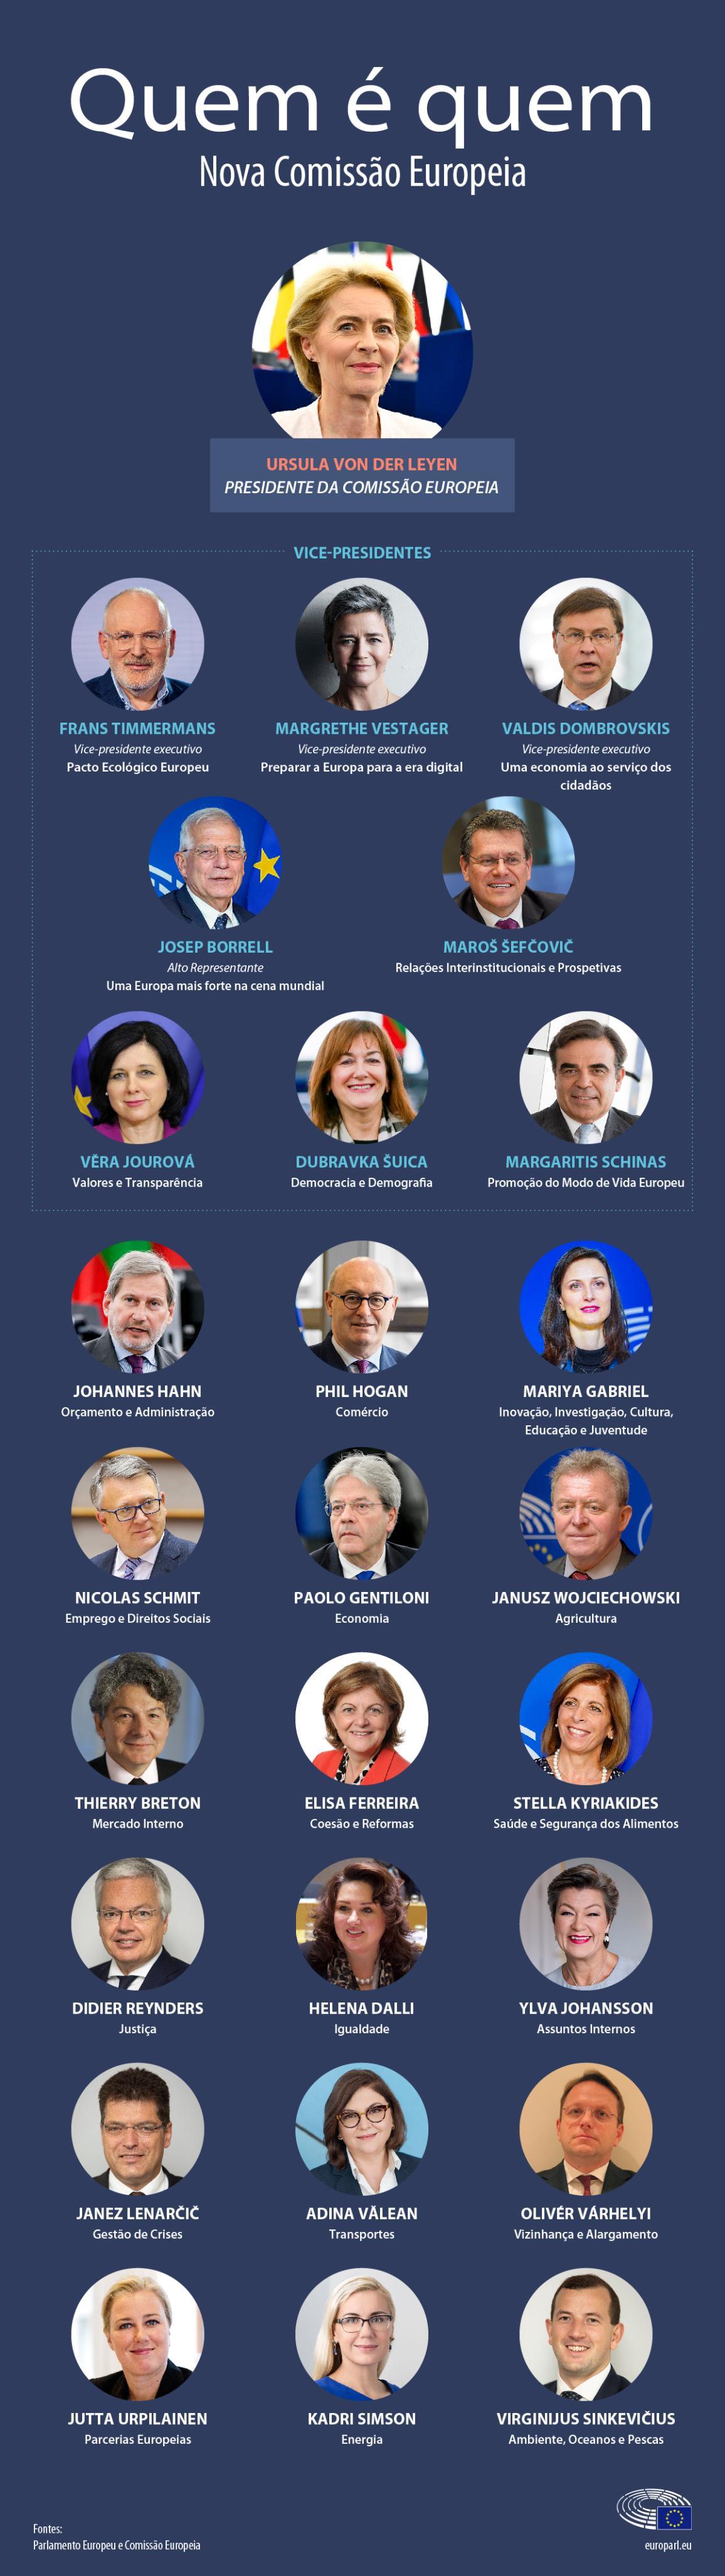 Infografia sobre a nova Comissão Europeia